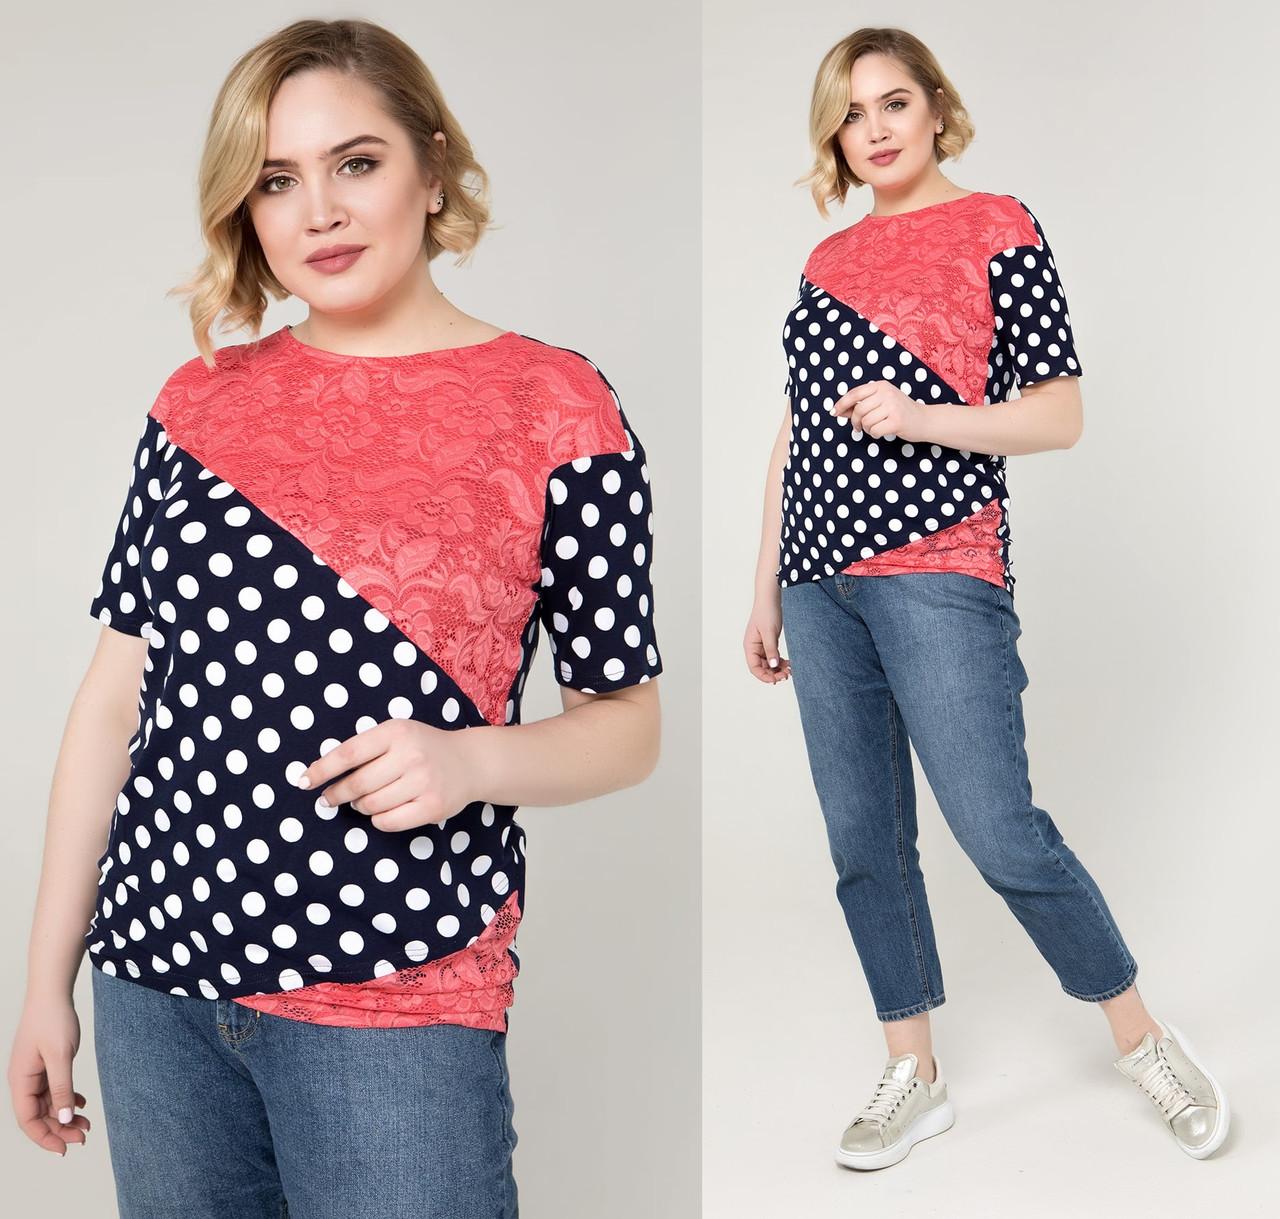 bd3a5c2002905a6 Гипюровая блуза женская нарядная блузка трикотажная летняя больших размеров  (батал), цена 436,50 грн., купить в Вышгороде — Prom.ua (ID#909096354)